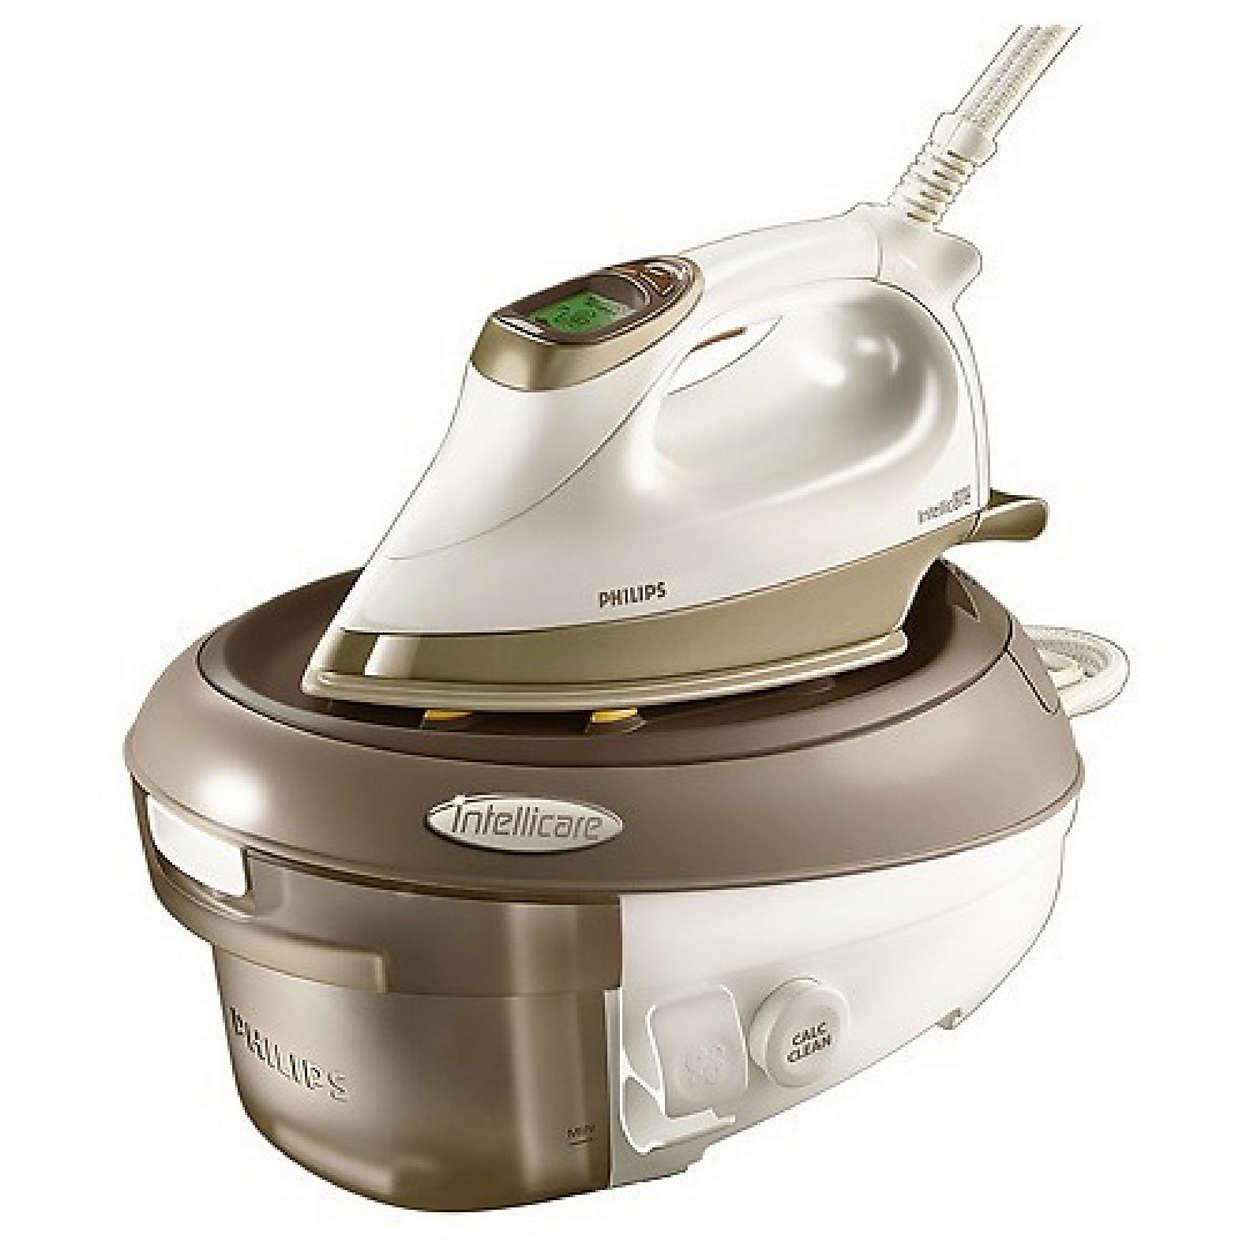 Repassage efficace avec vapeur haute pression